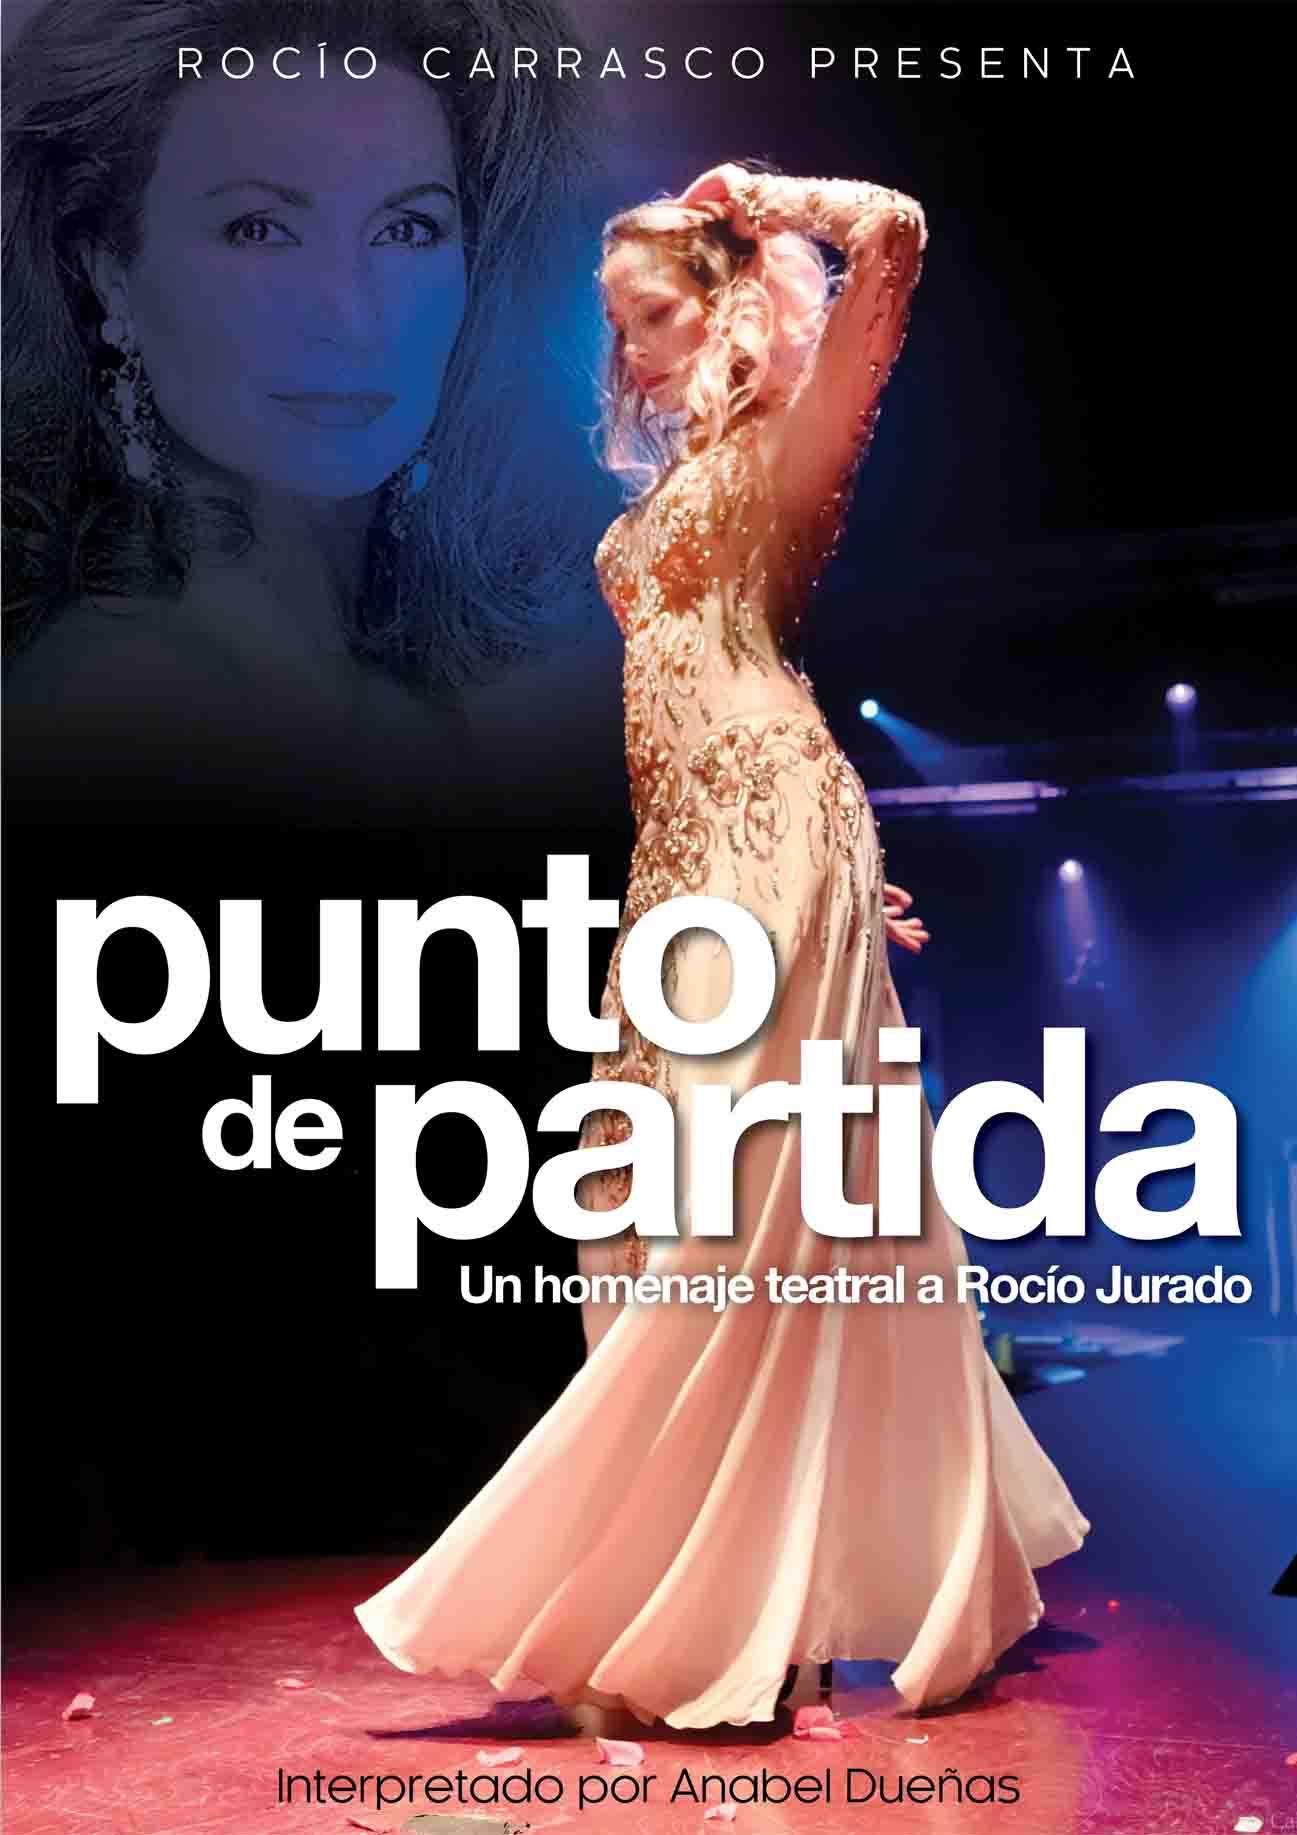 16 de Marzo: Punto de partida - Un homenaje teatral a Rocío Jurado